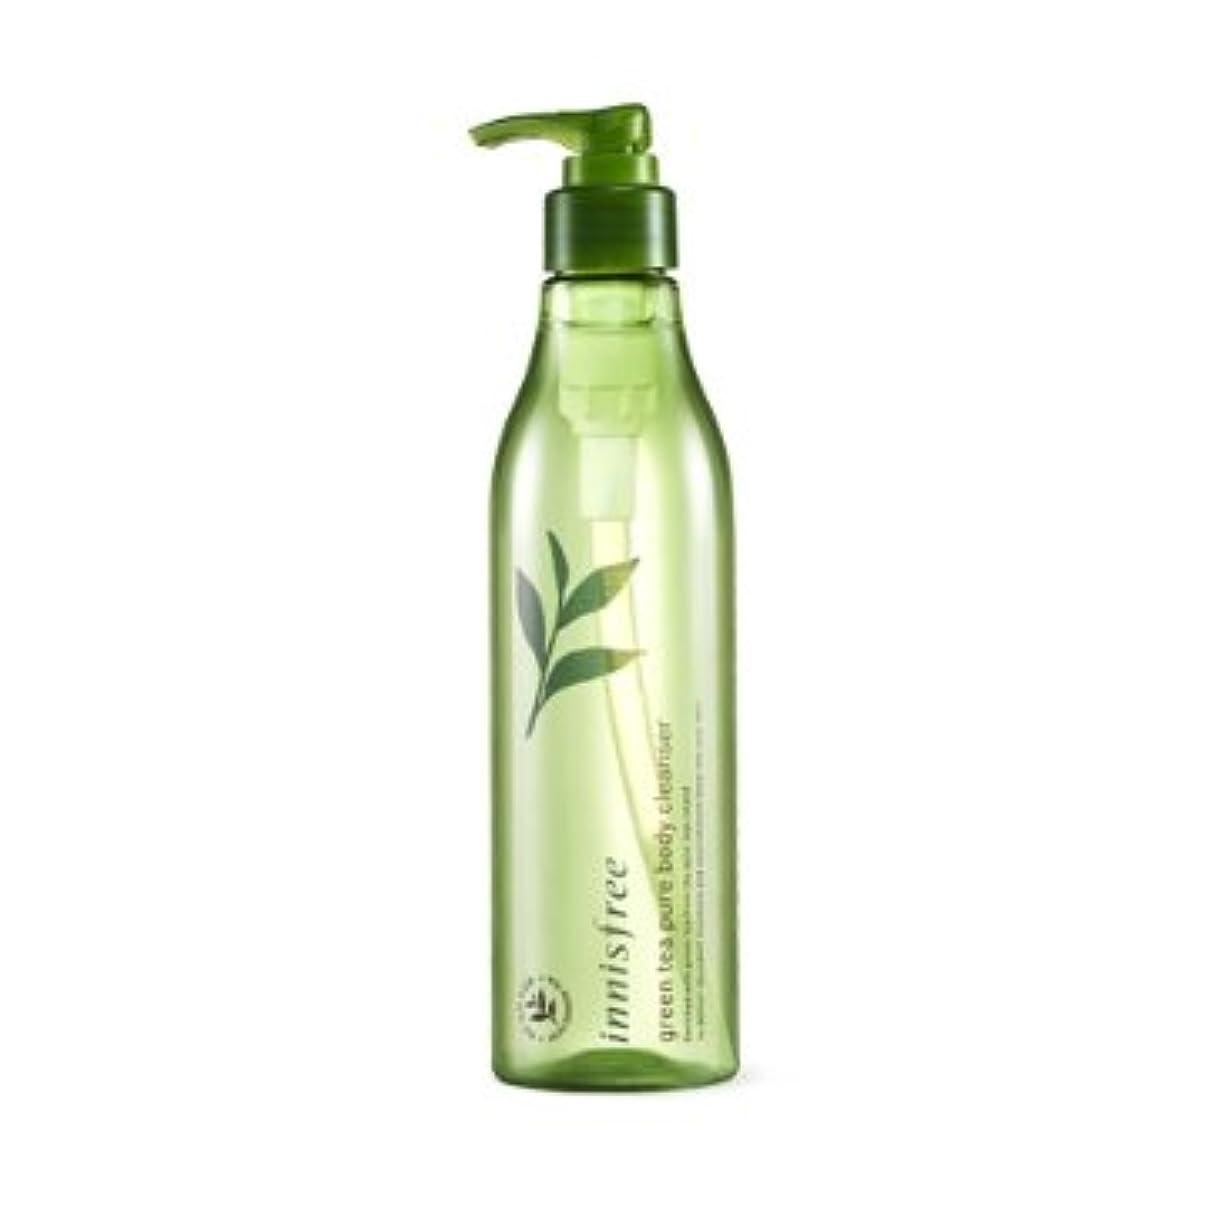 知っているに立ち寄る唯一省略【イニスフリー】Innisfree green tea pure body cleanser - 300ml (韓国直送品) (SHOPPINGINSTAGRAM)